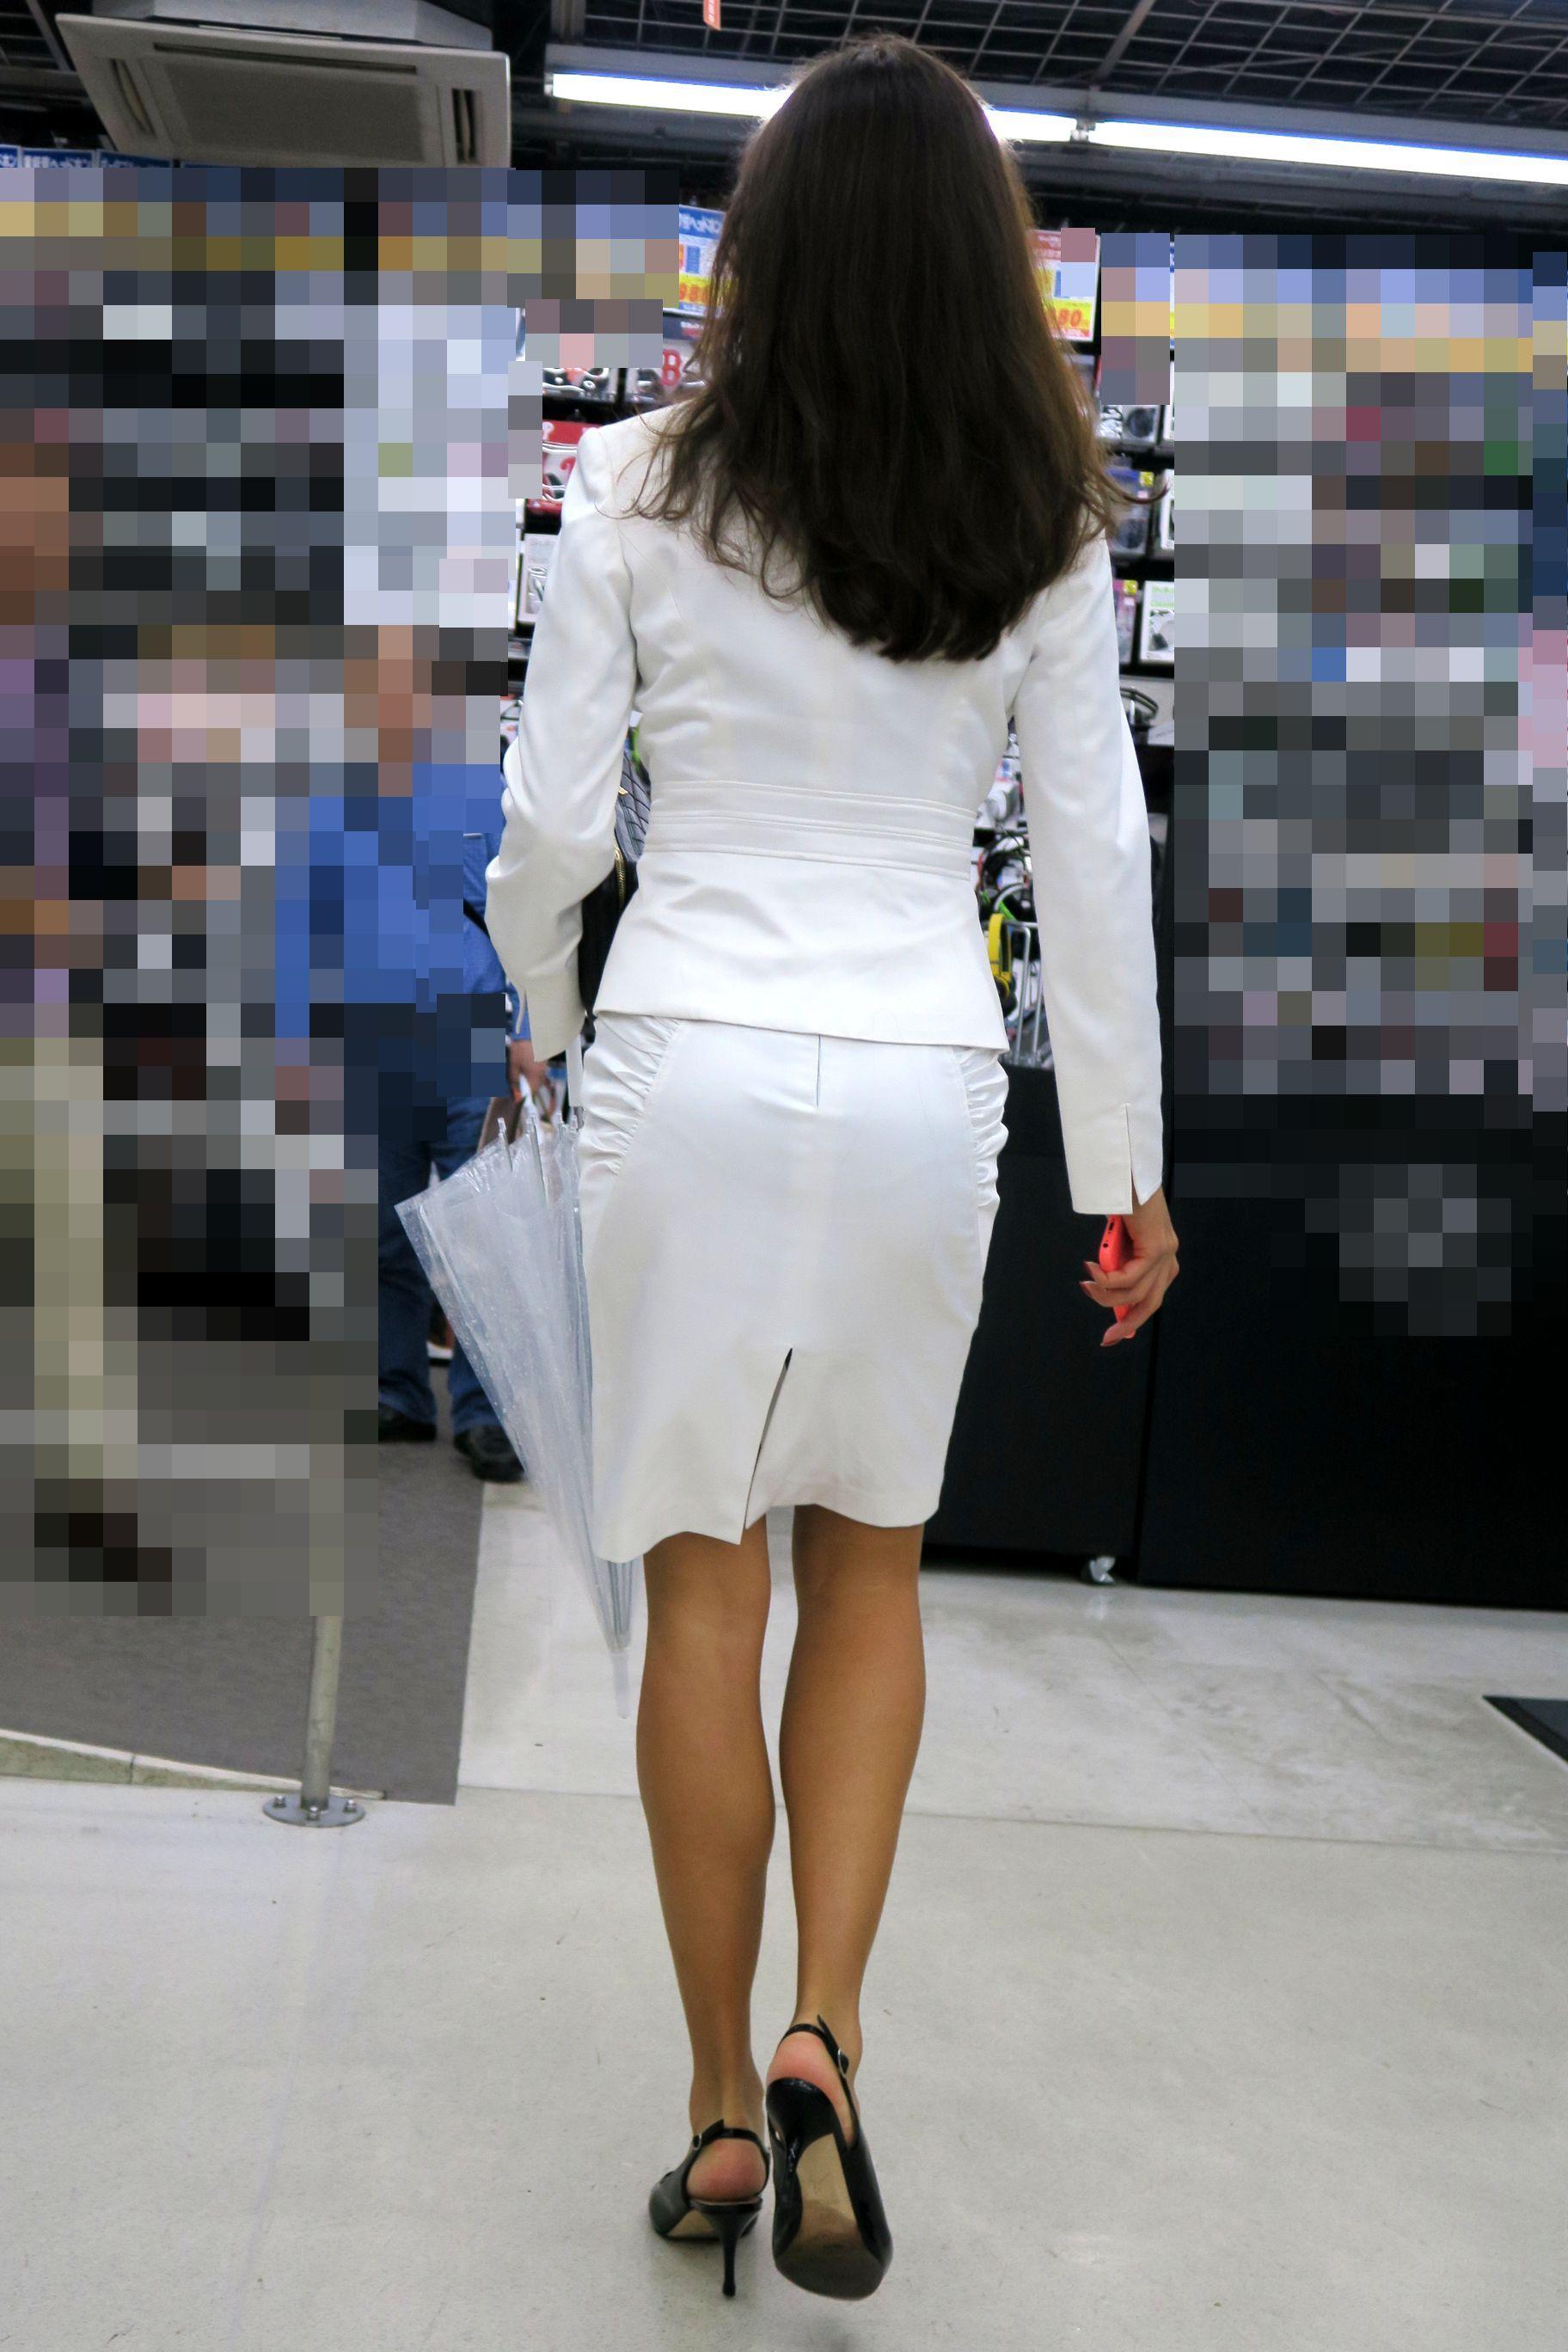 白タイトスカートスーツの美女連射盗撮16